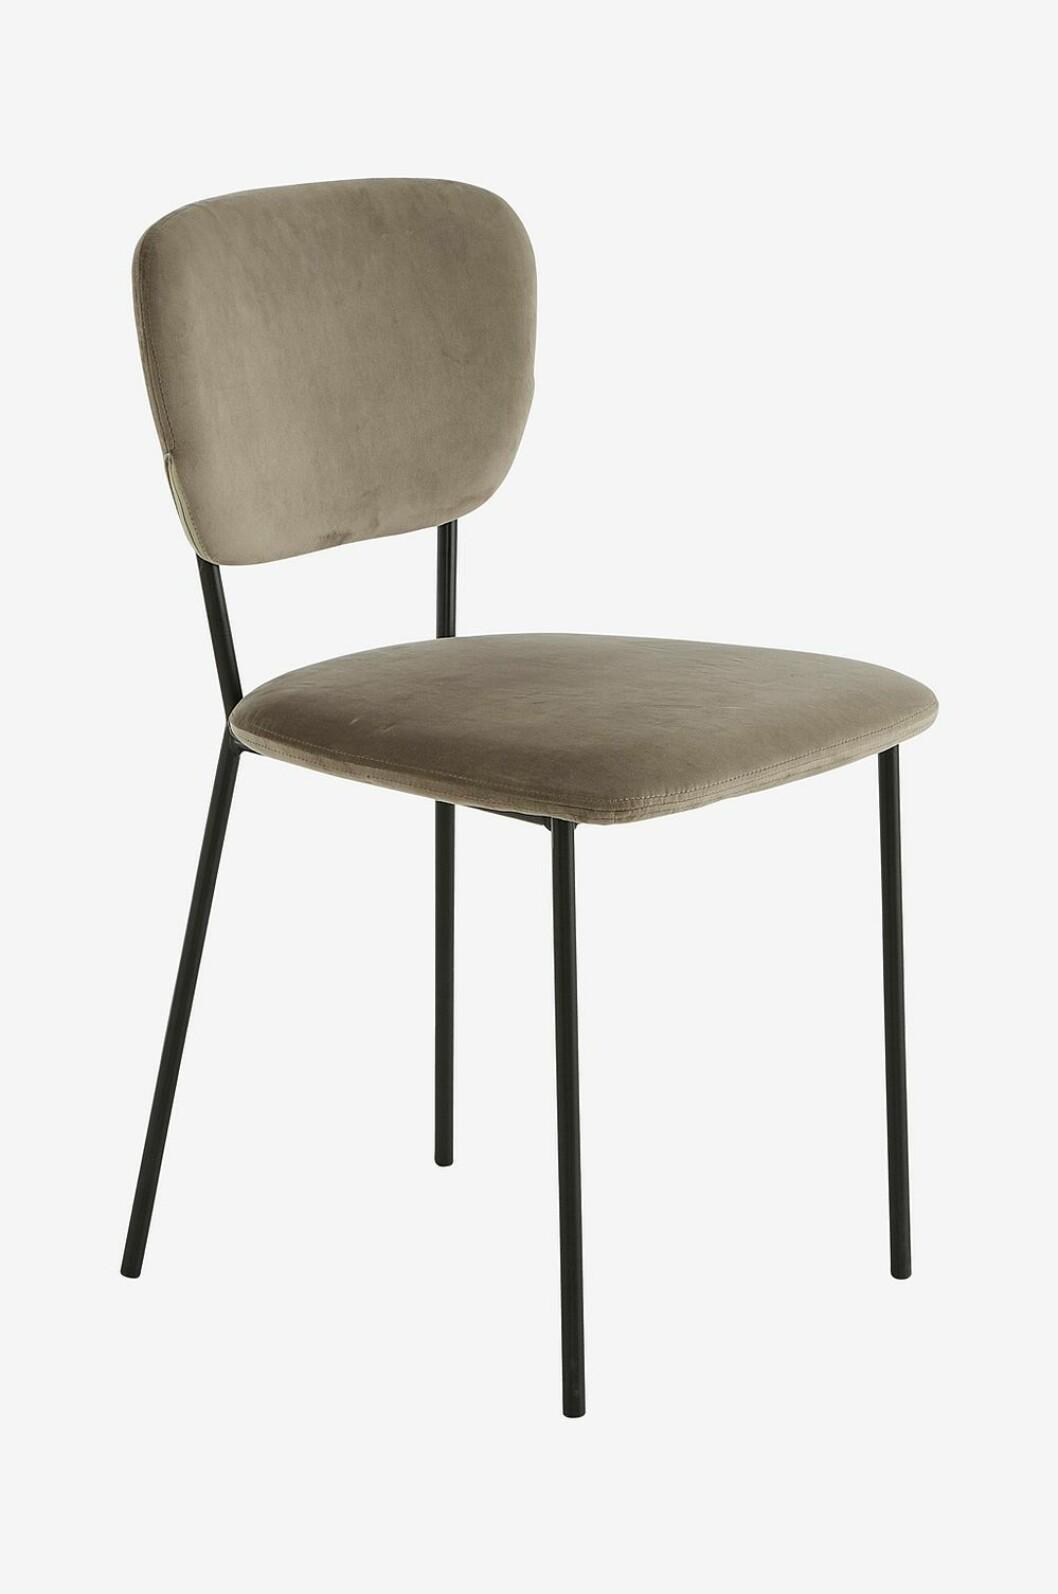 Grön stol i sammet